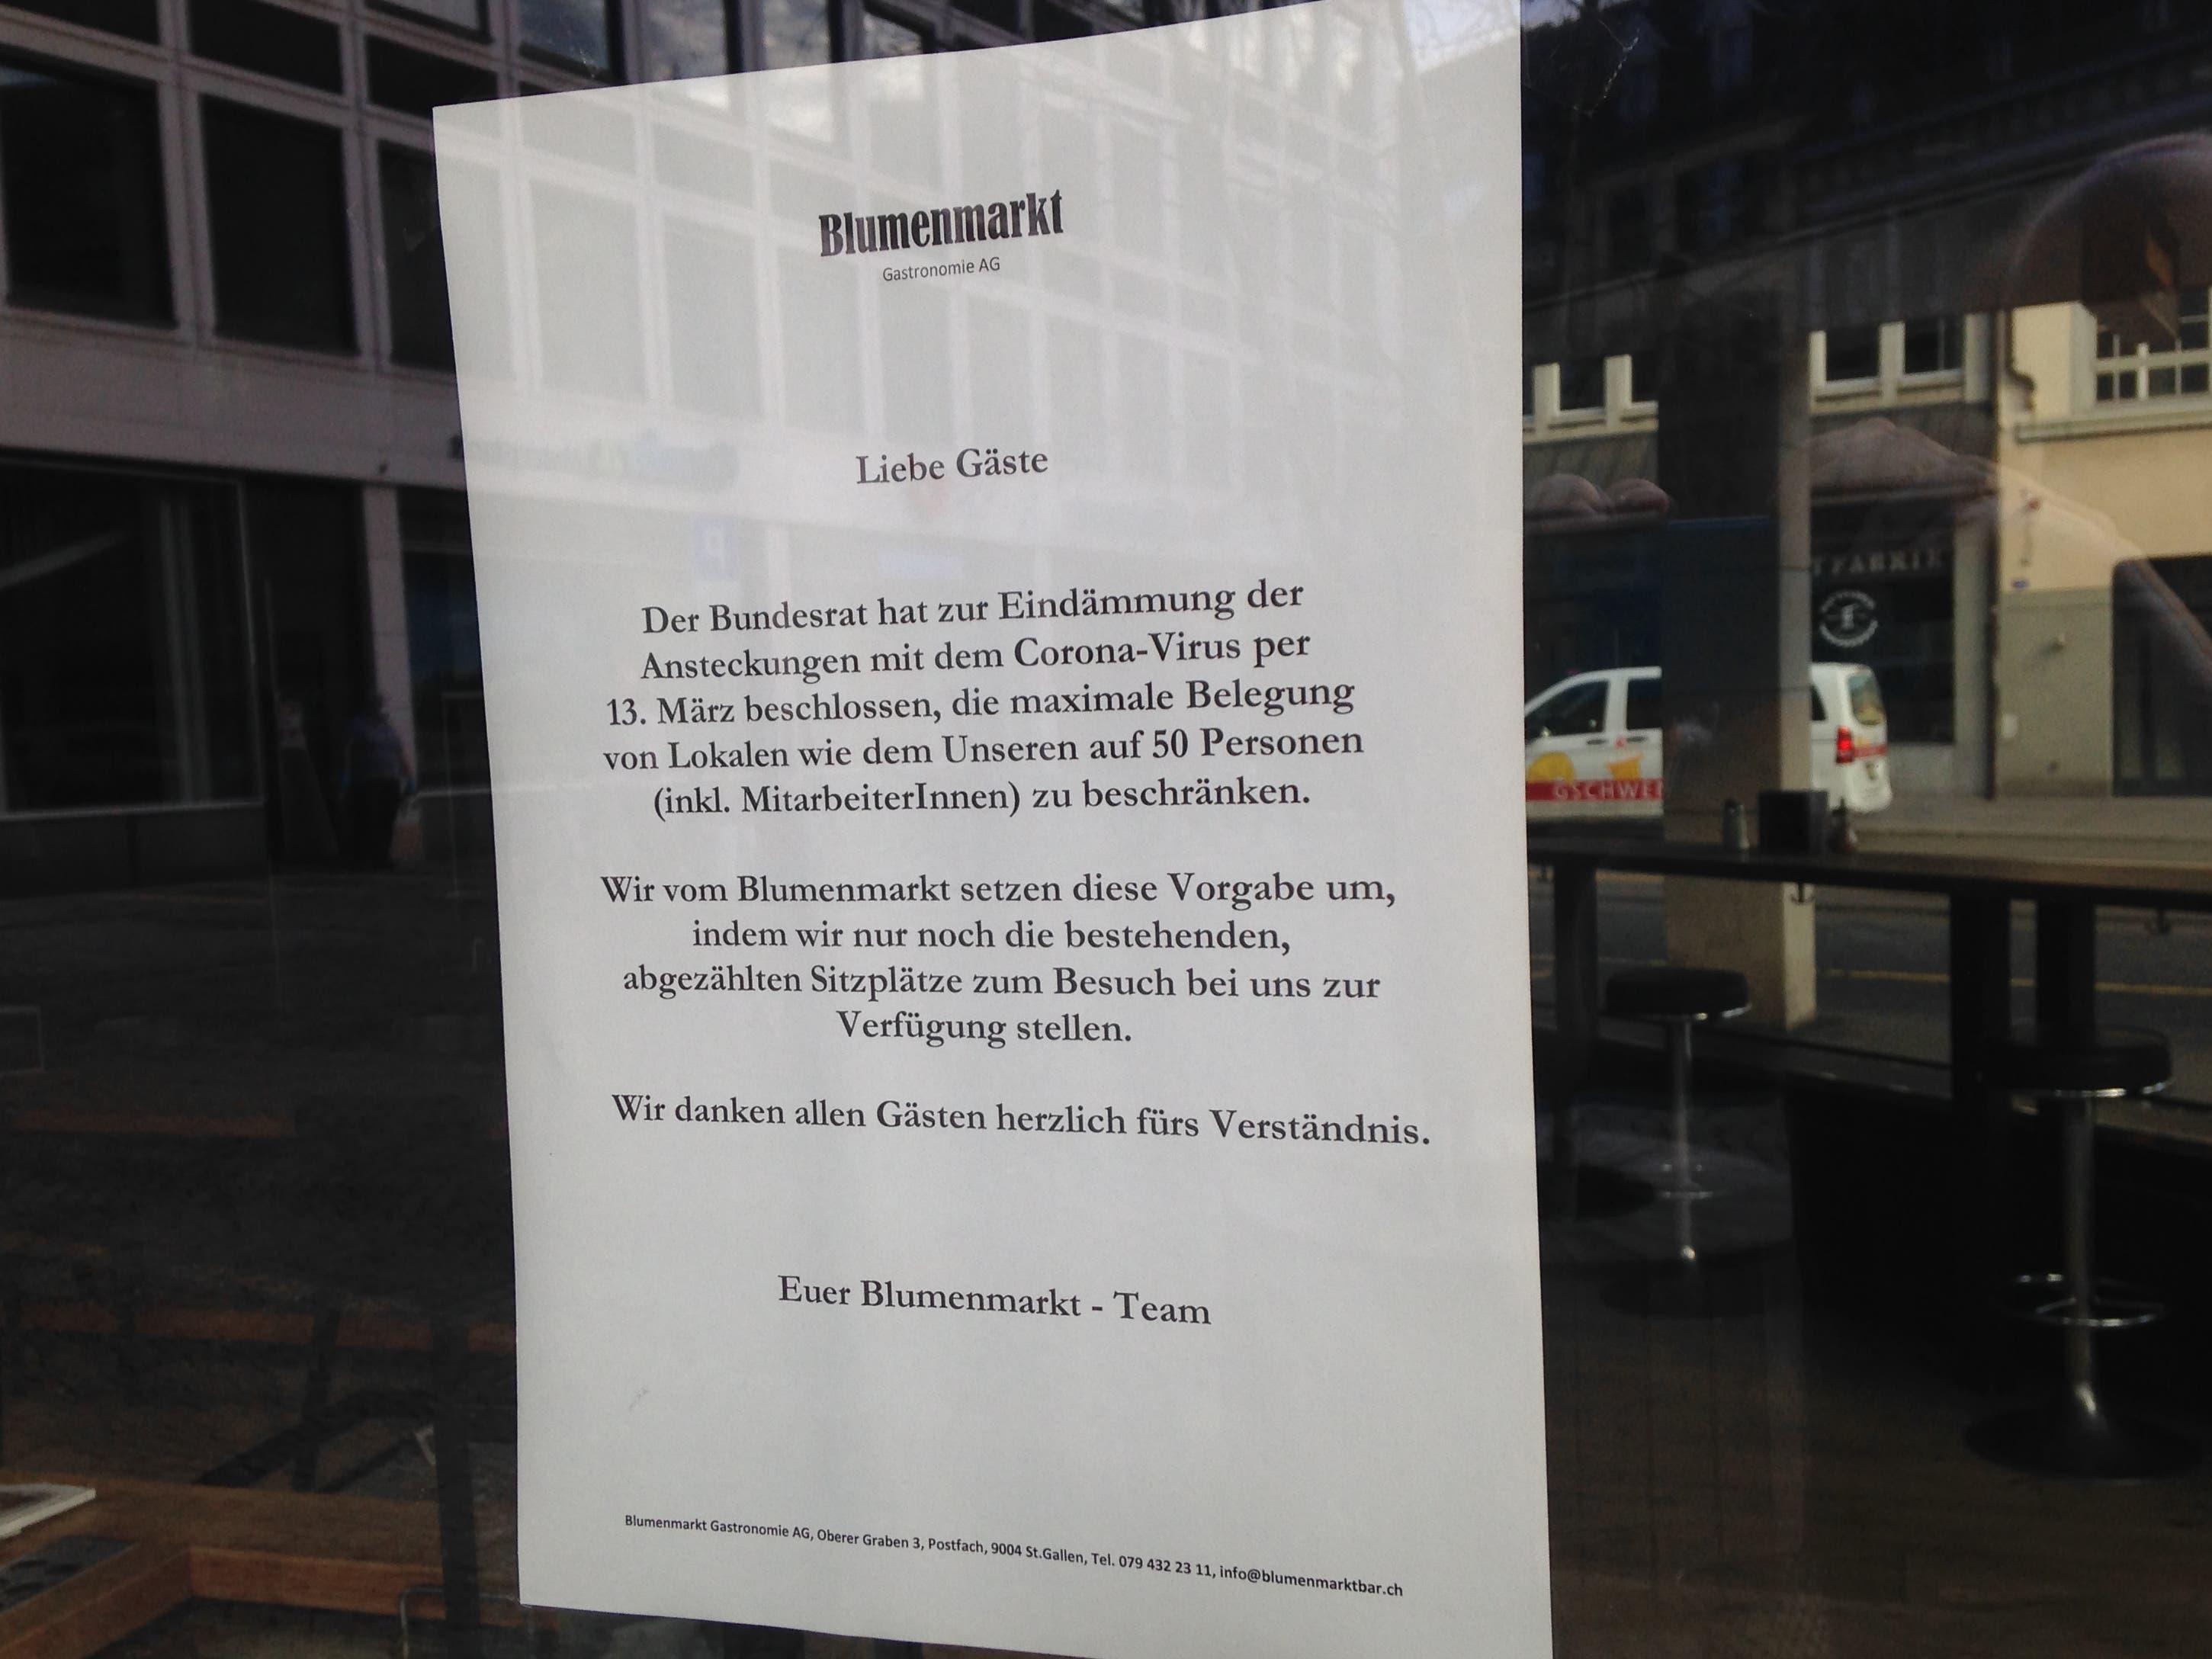 Einzelne hinken am Dienstagmorgen auch noch der Realität hinterher - wie im Bild das Café Blumenmarkt. Die Regel mit nicht mehr als 50 Personen wurde vom Bundesrat am Montag kurzfristig durch ein Öffnungsverbot ersetzt.